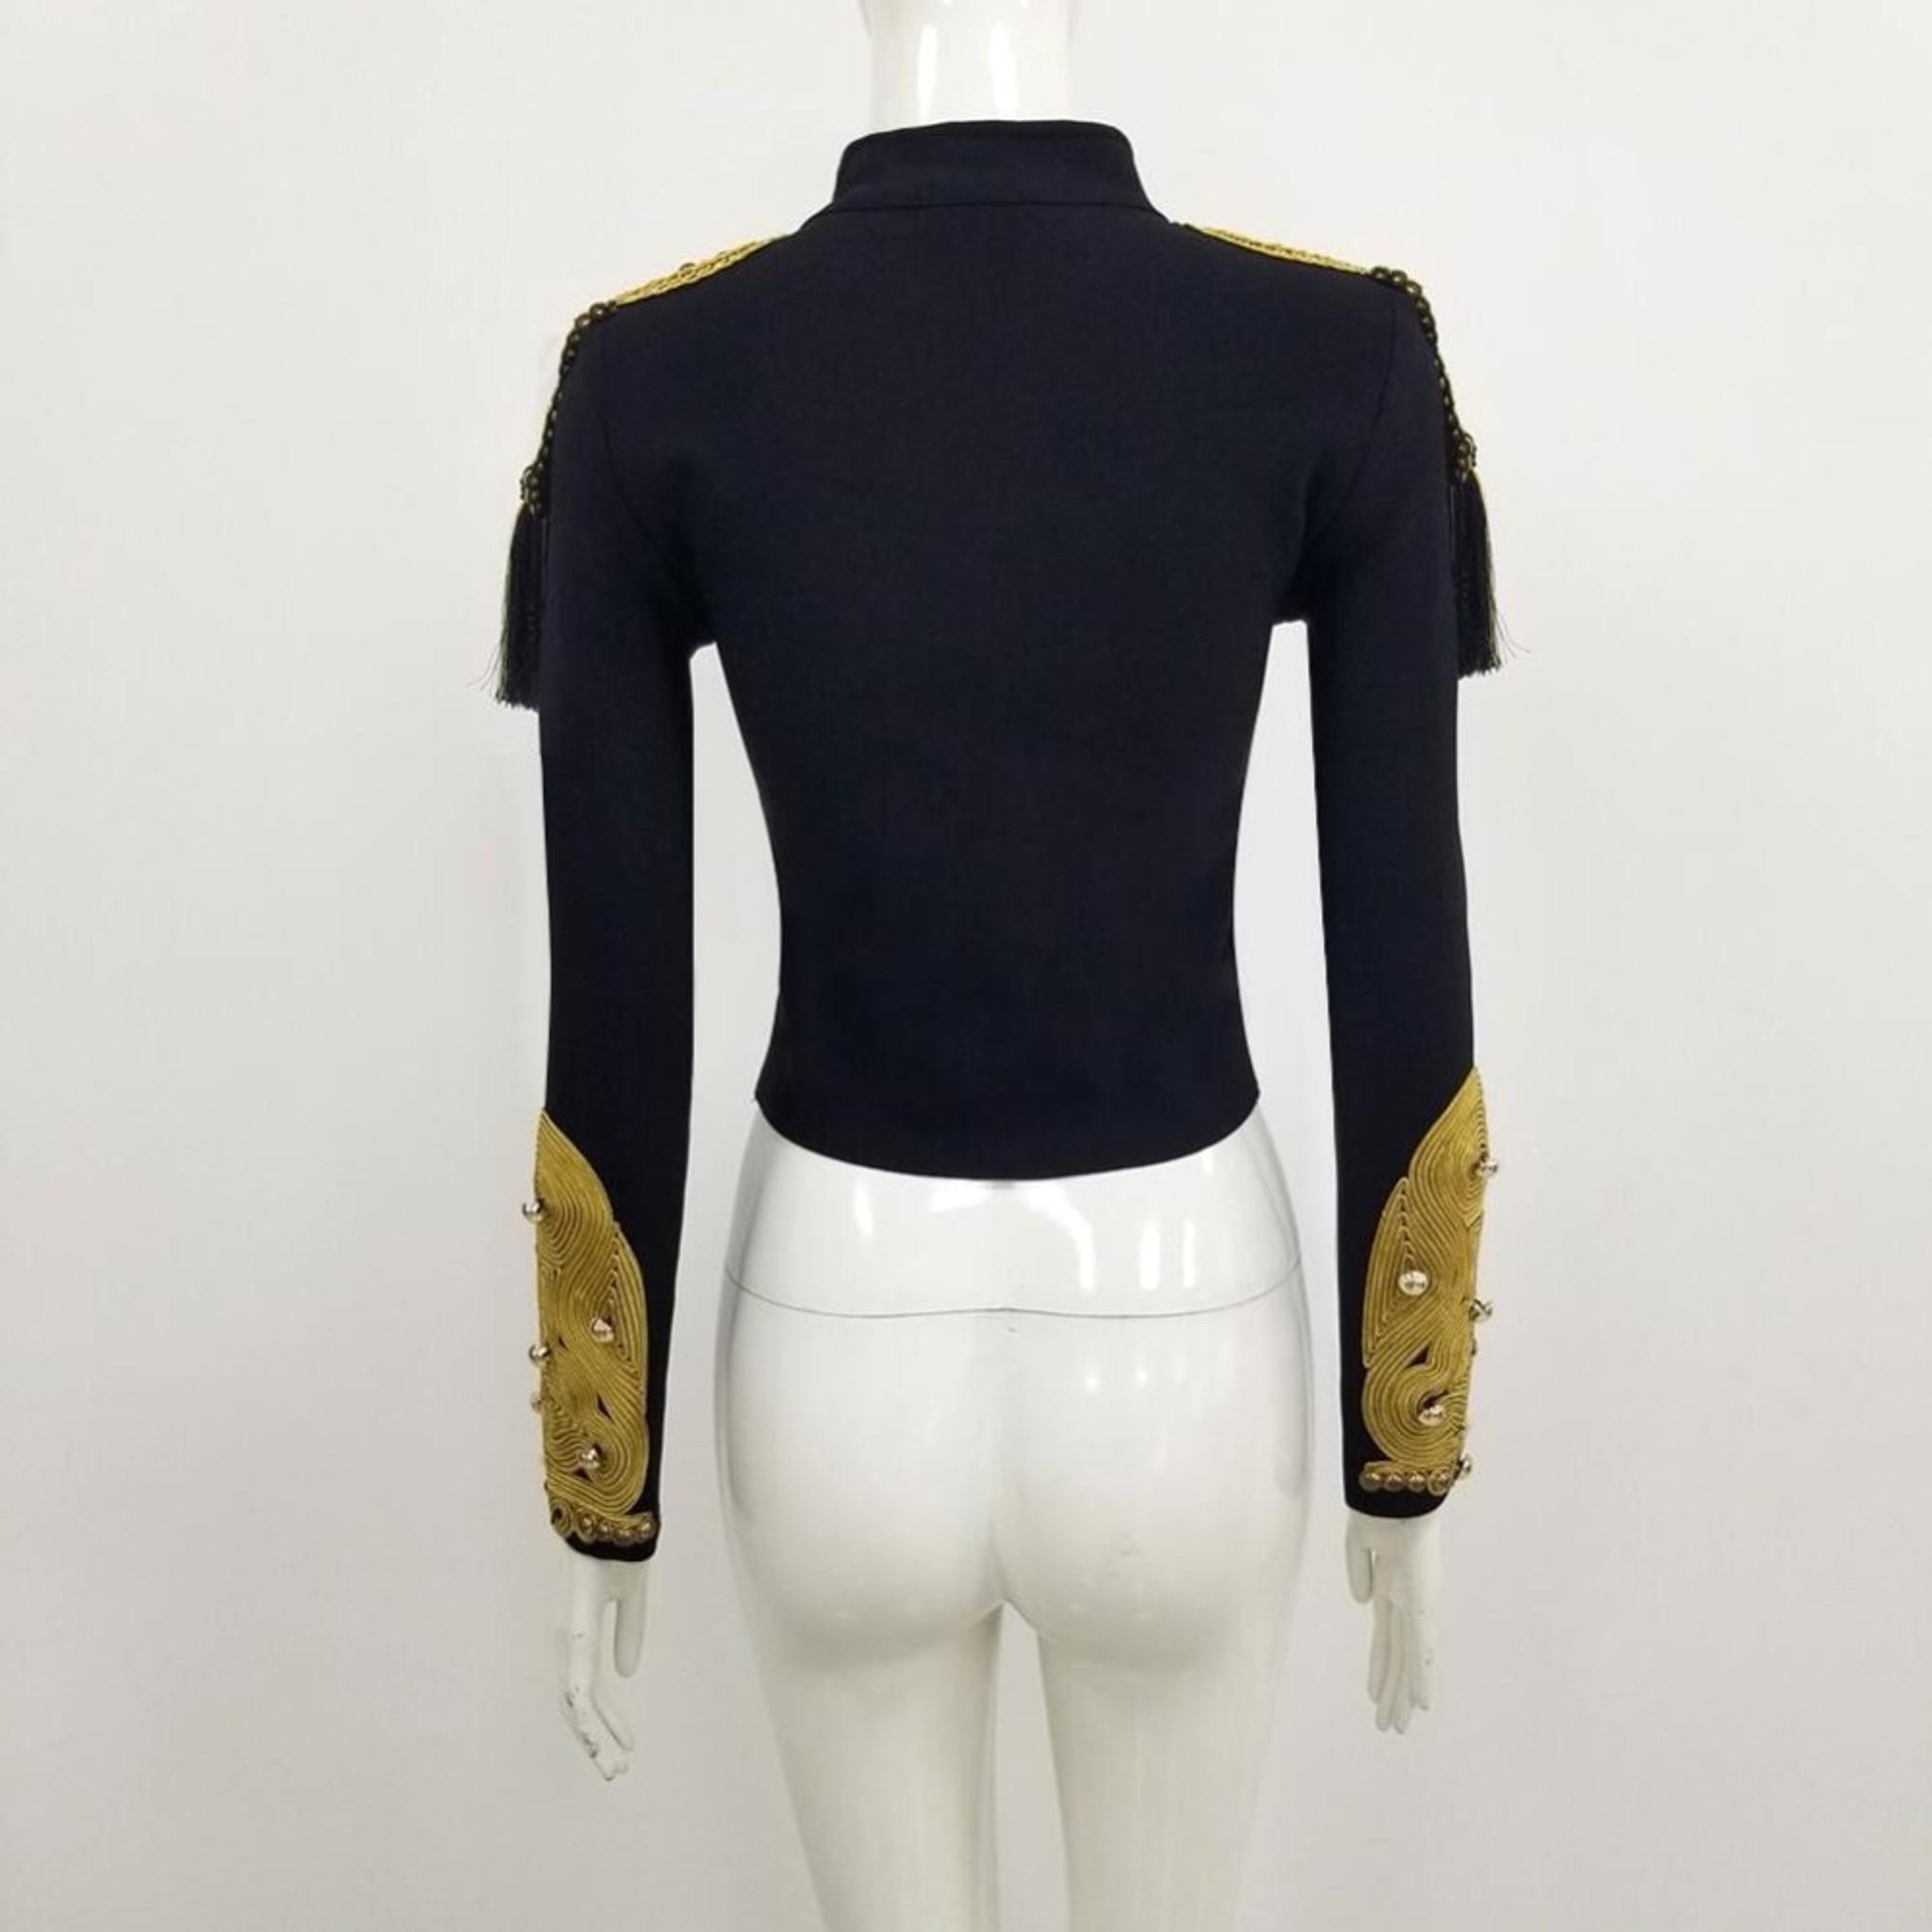 Gold Band Jacket